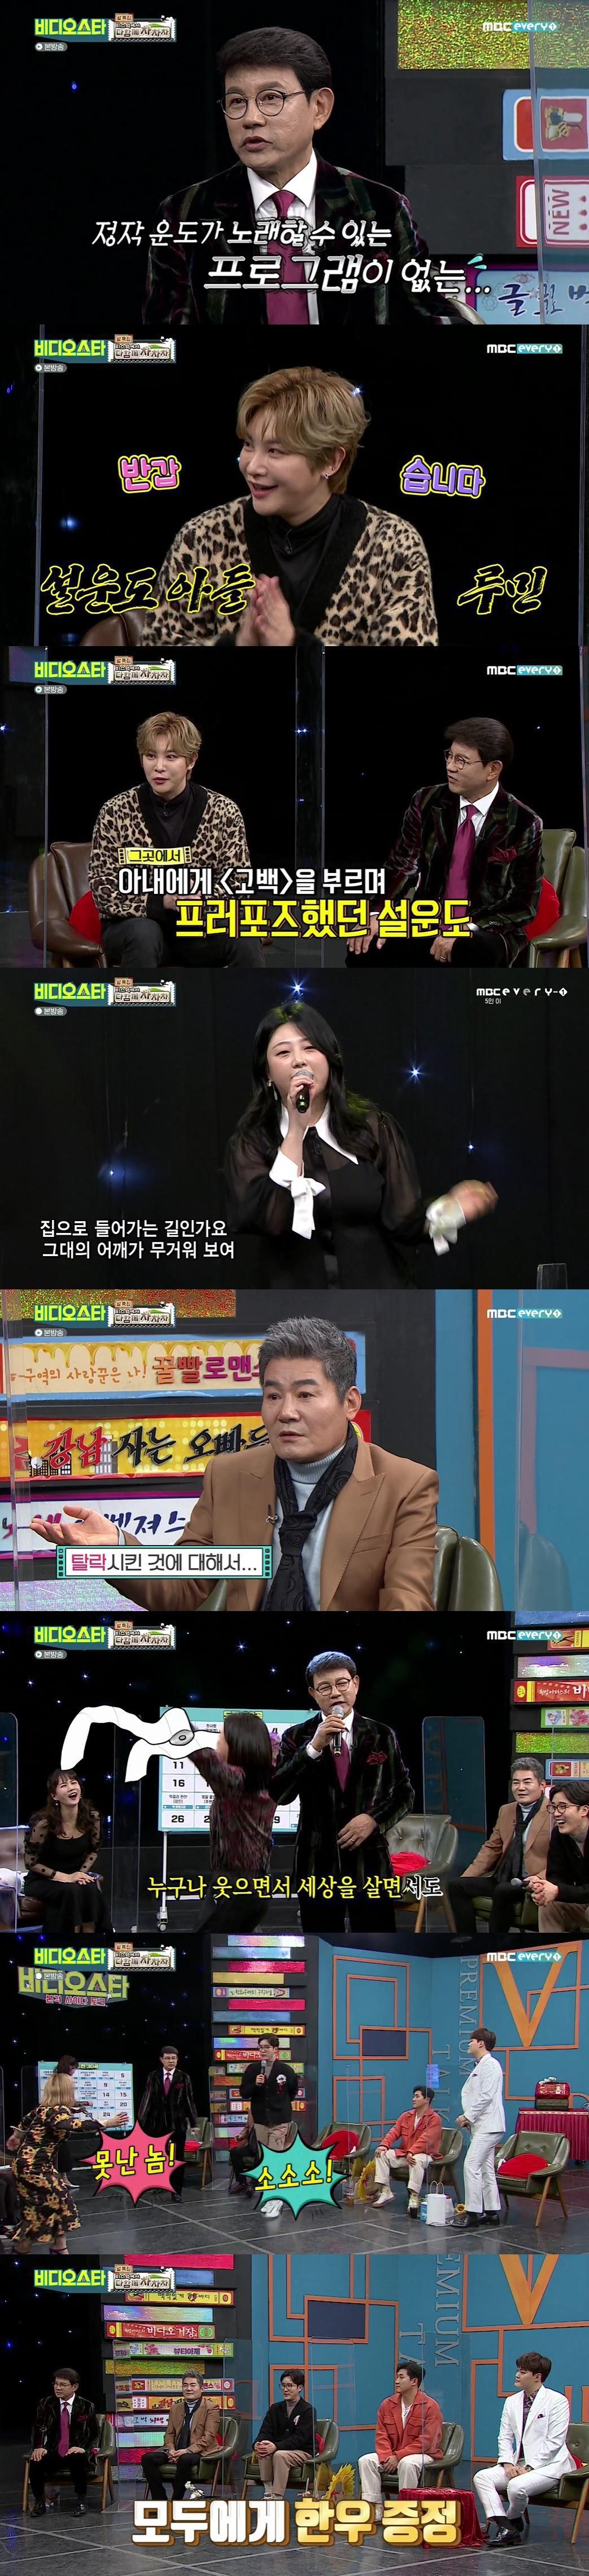 (일반) '비스 설운도, 아들 딸 루민 x 승아'깜짝 등장 → 후배들과 함께하는 '노래 무대'